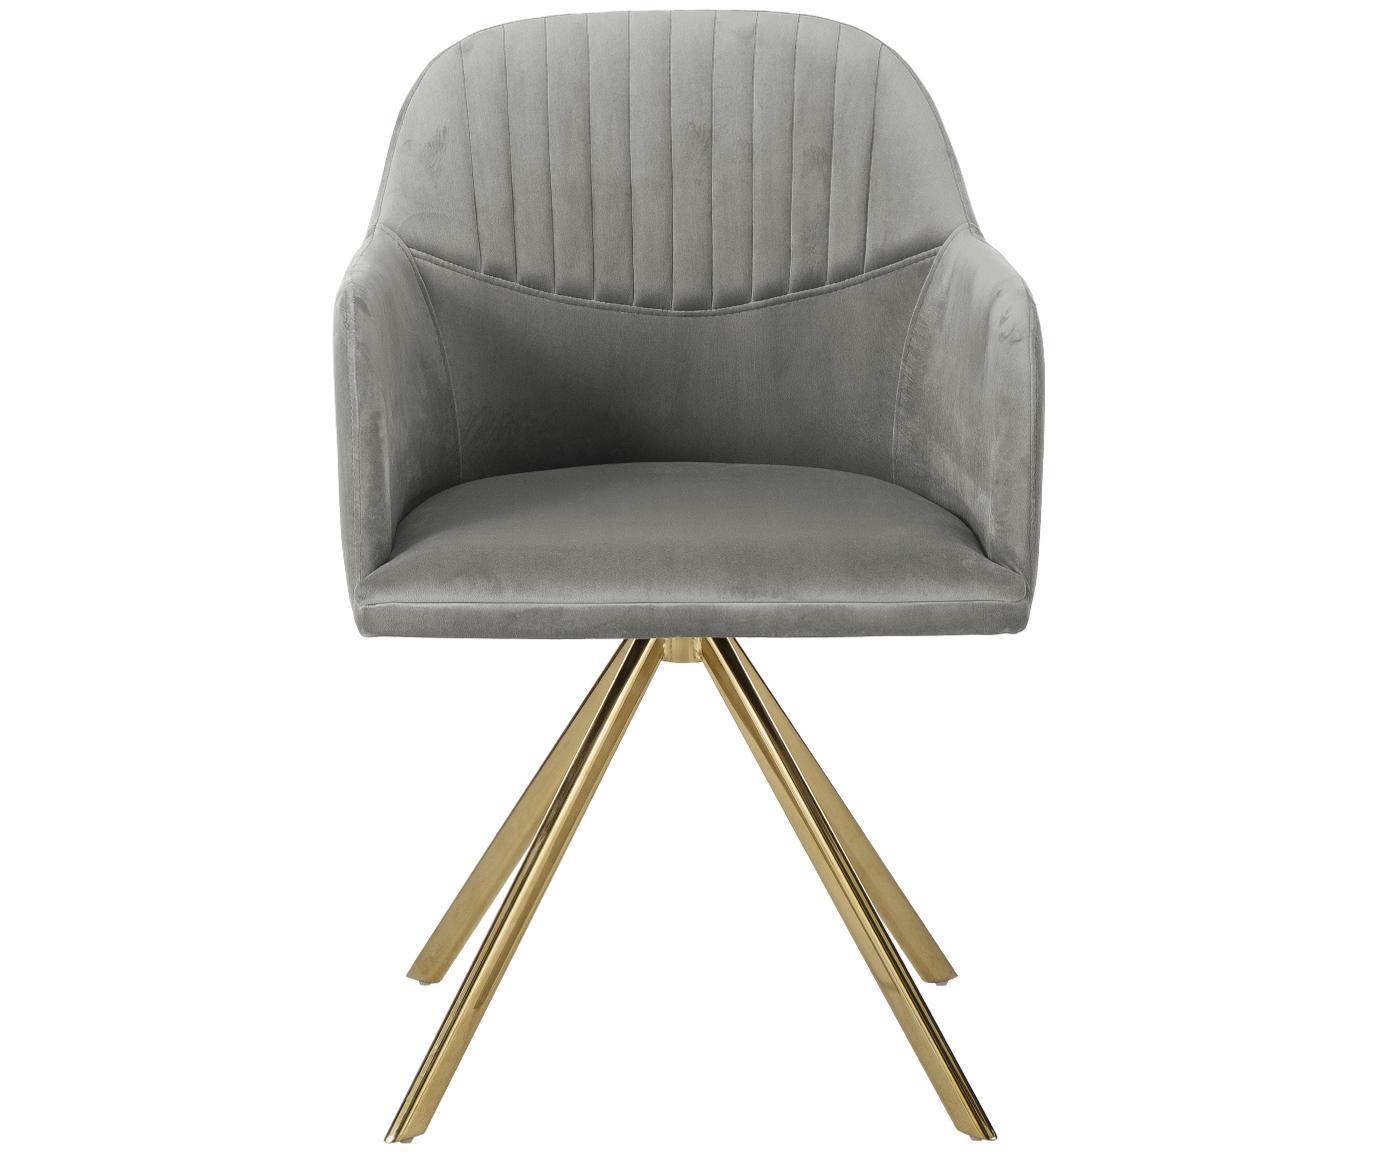 Sedia girevole in velluto con braccioli Lola, Rivestimento: velluto (100% poliestere), Gambe: metallo, zincato, Grigio, Larg. 52 x Prof. 57 cm